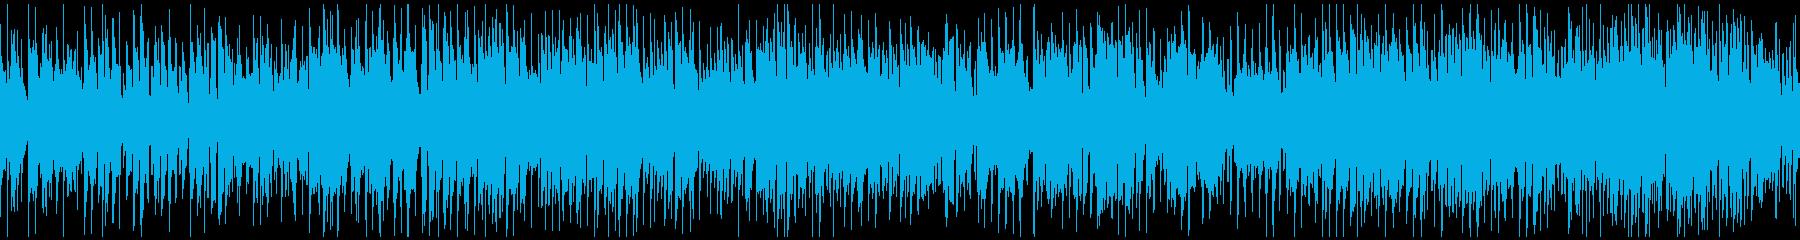 ファンキーなクラブジャズ ※ループ仕様版の再生済みの波形